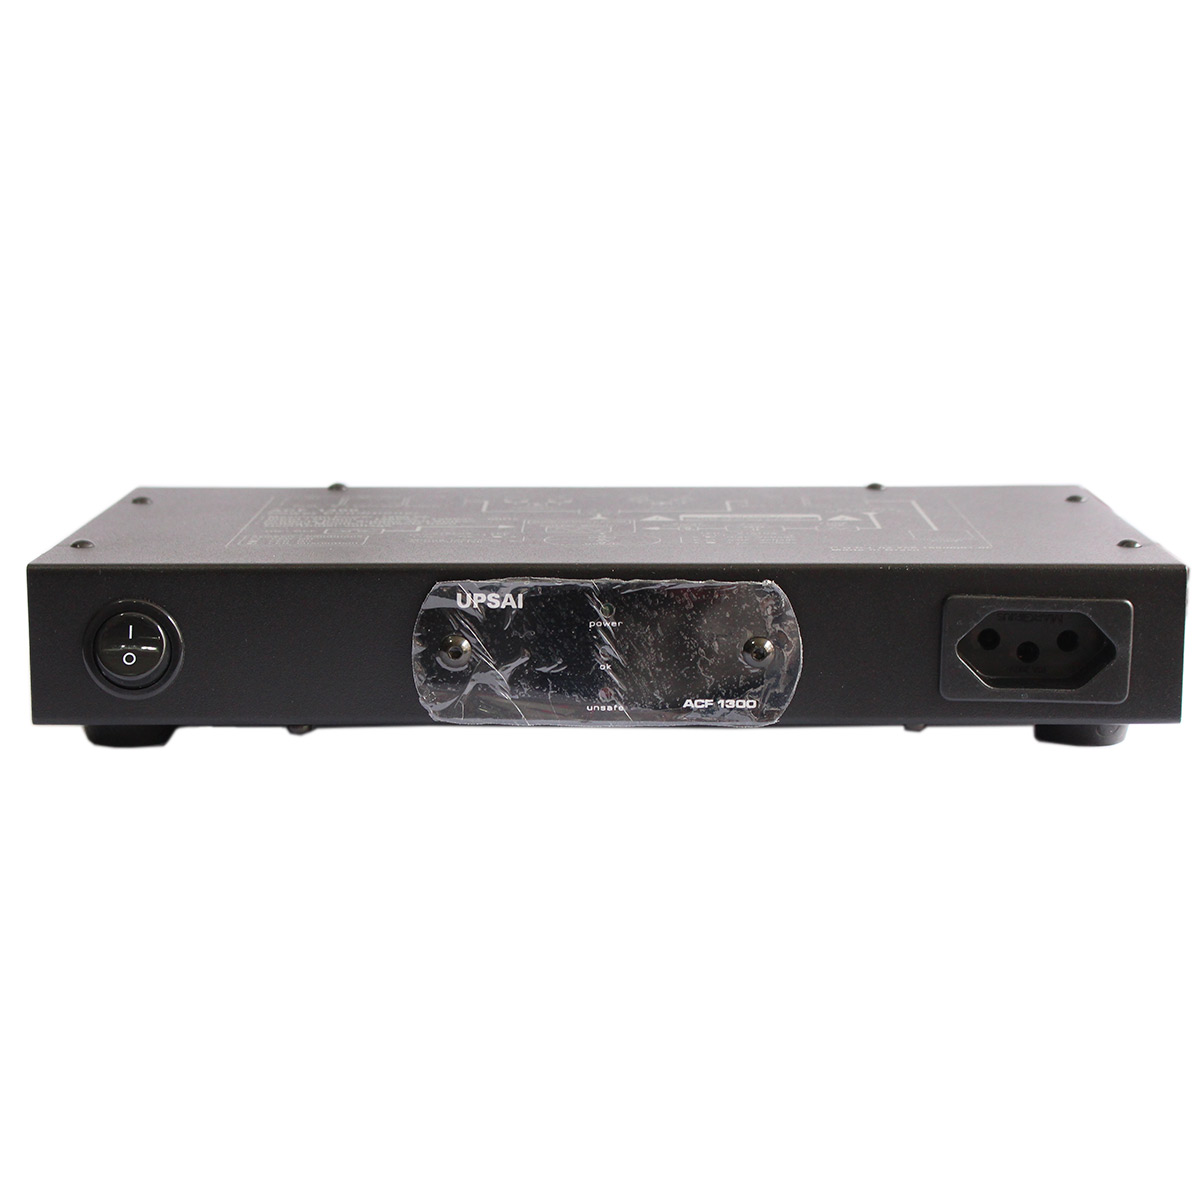 Condicionador de Energia 1200VA 110V ACF 1300 - Upsai